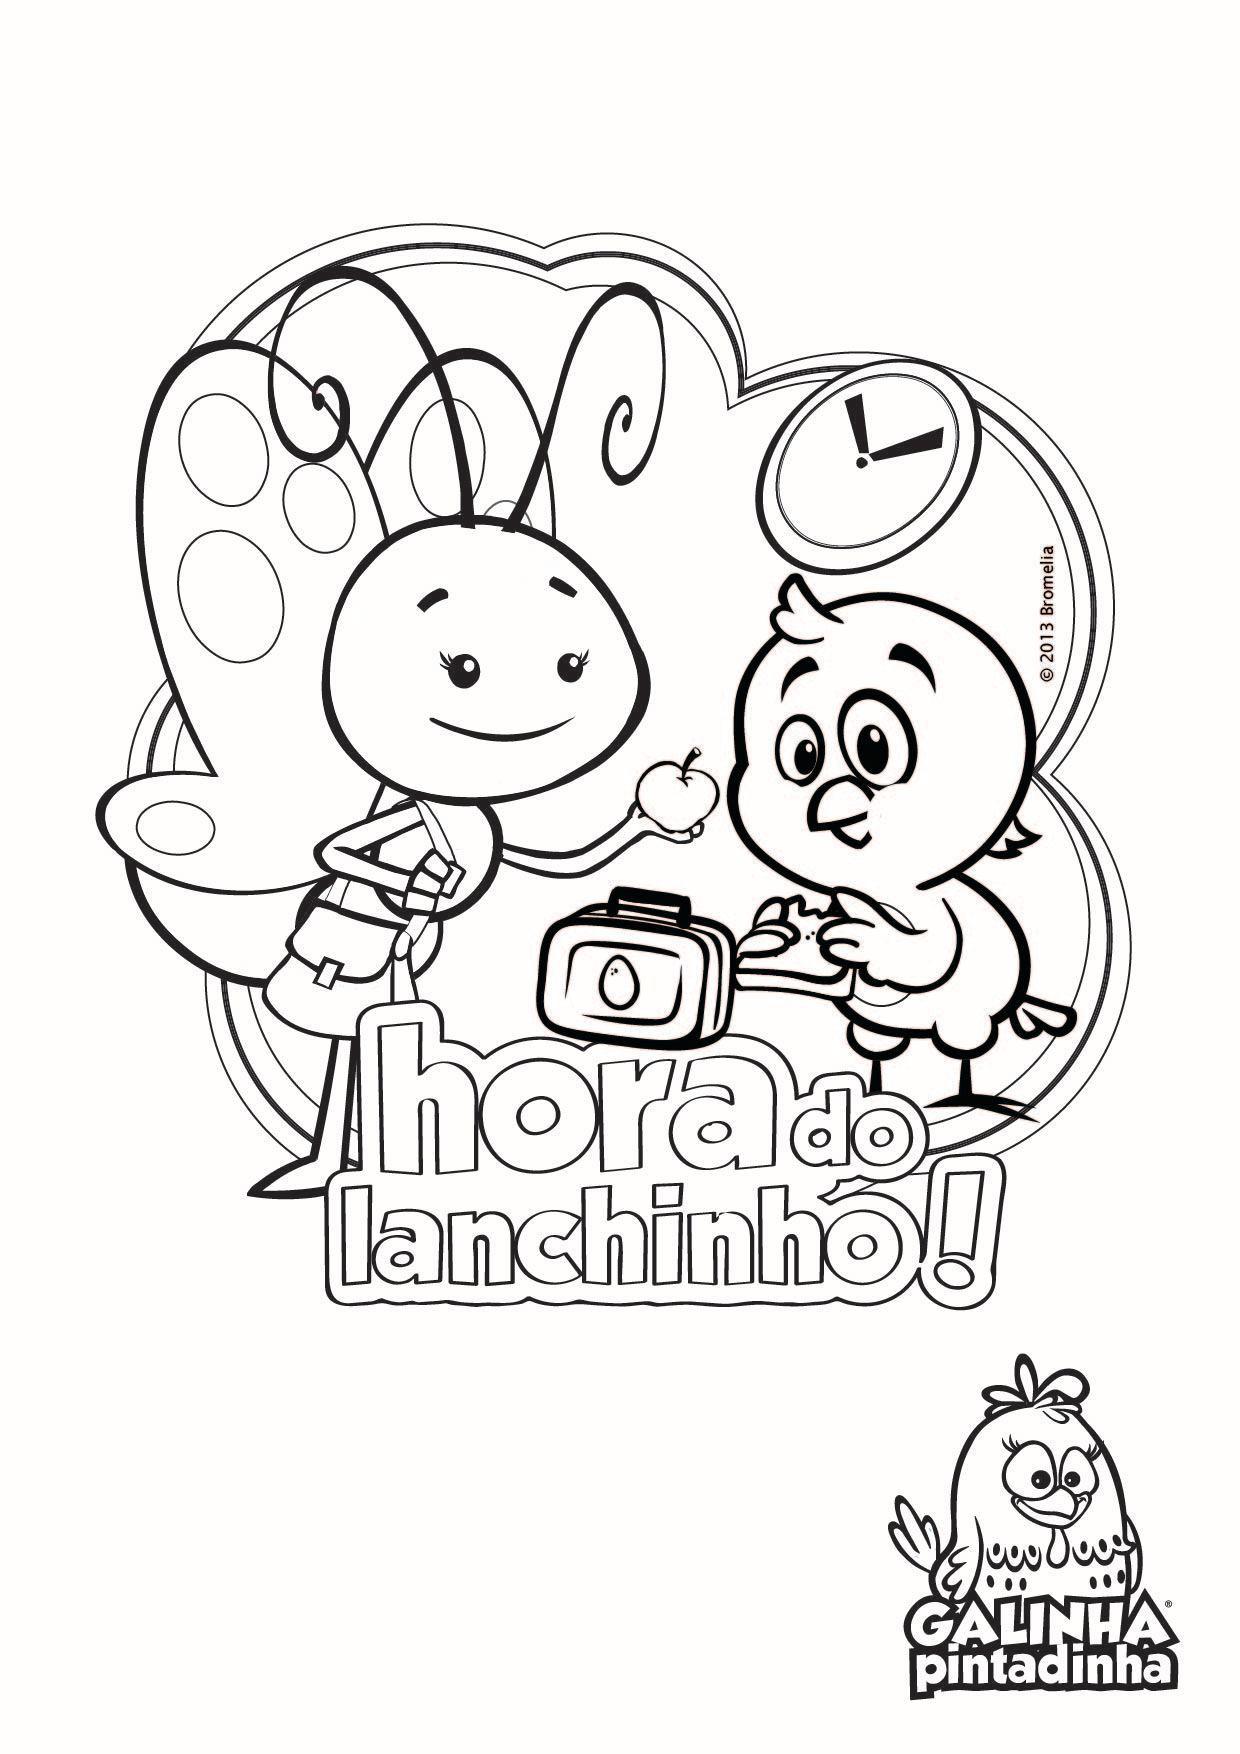 Famosos Desenhos para colorir - Site Oficial da Galinha Pintadinha IS72